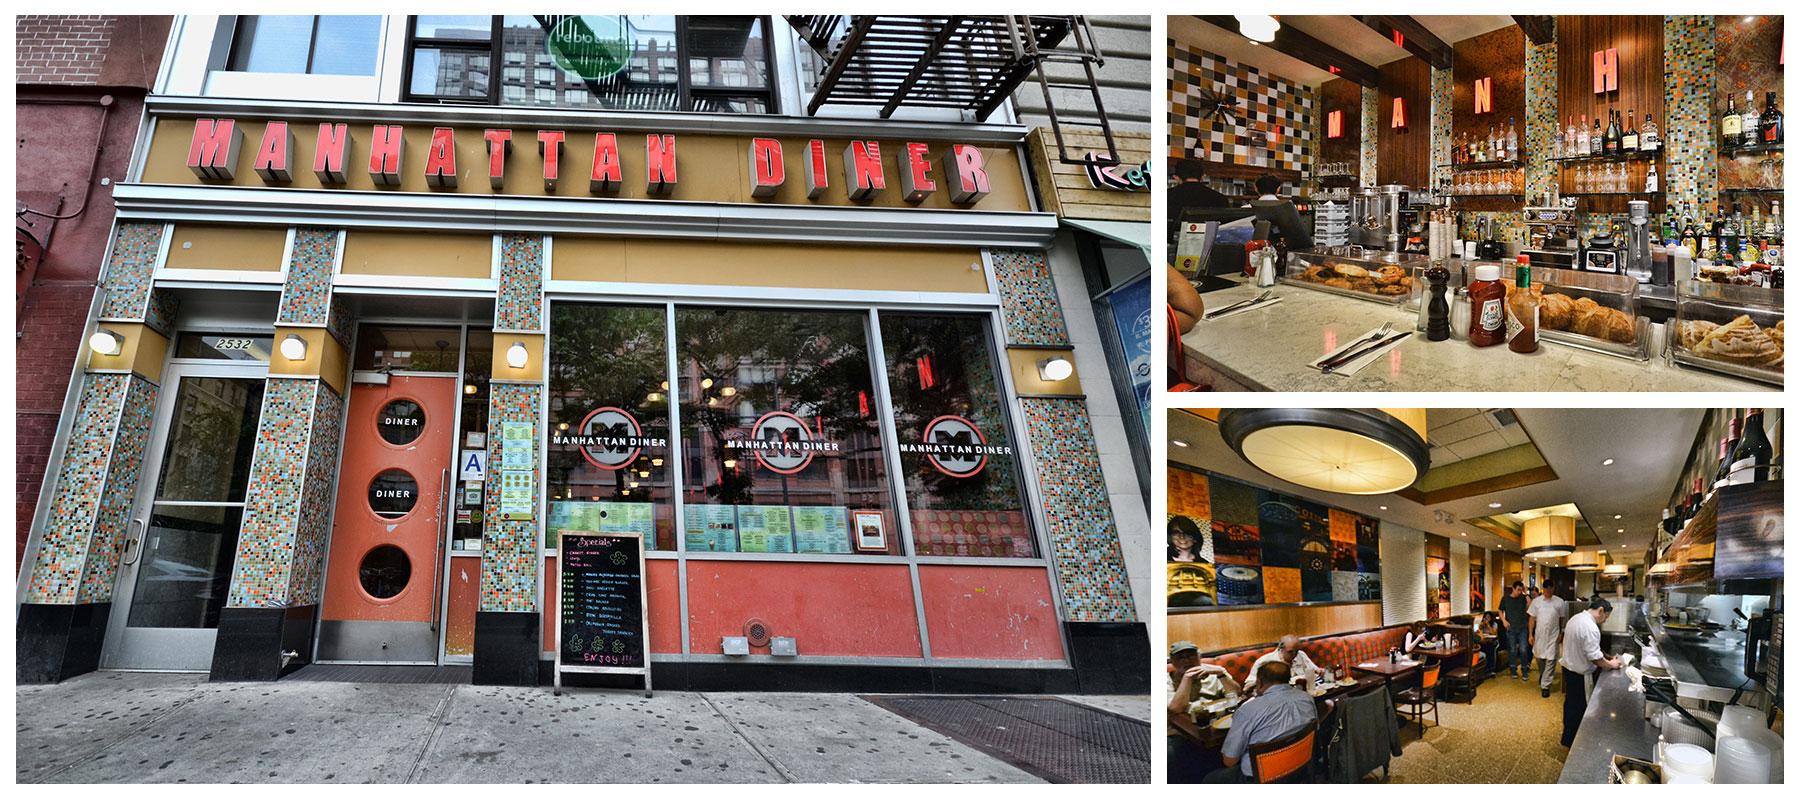 Manhattan Diner - Official Website   Order Online Direct